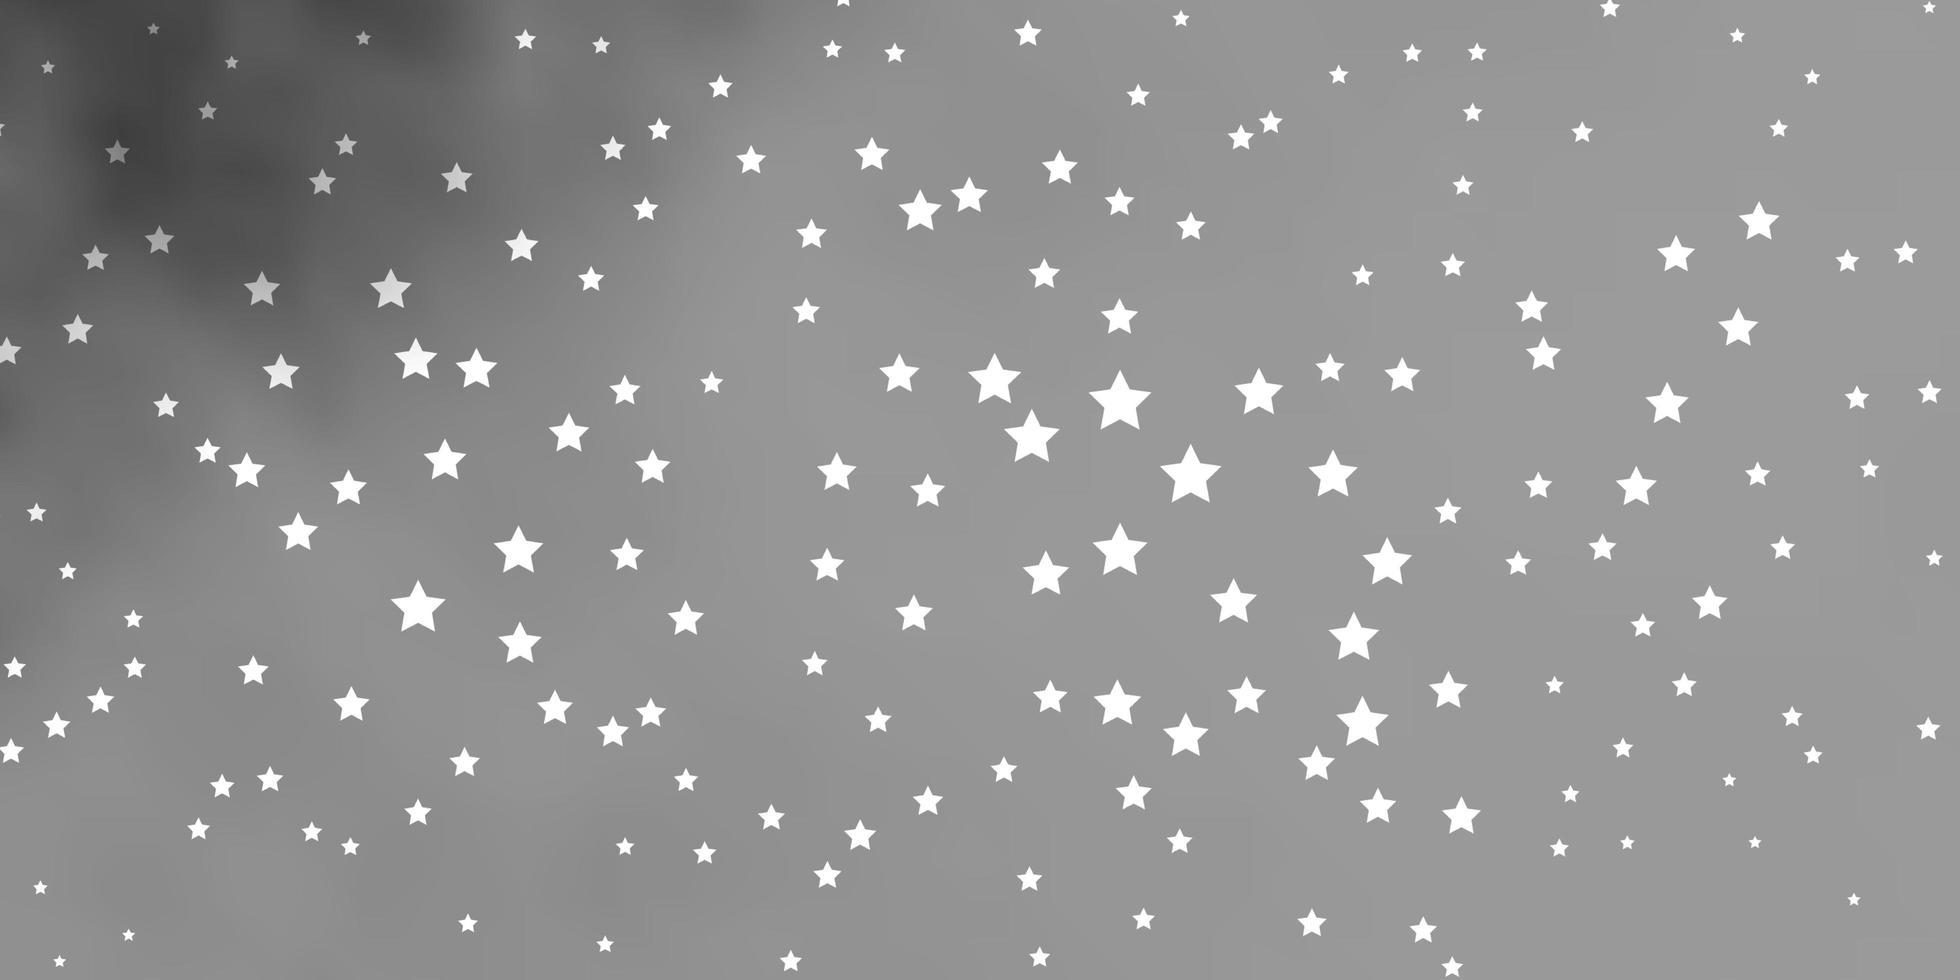 mörkgrå layout med ljusa stjärnor. vektor